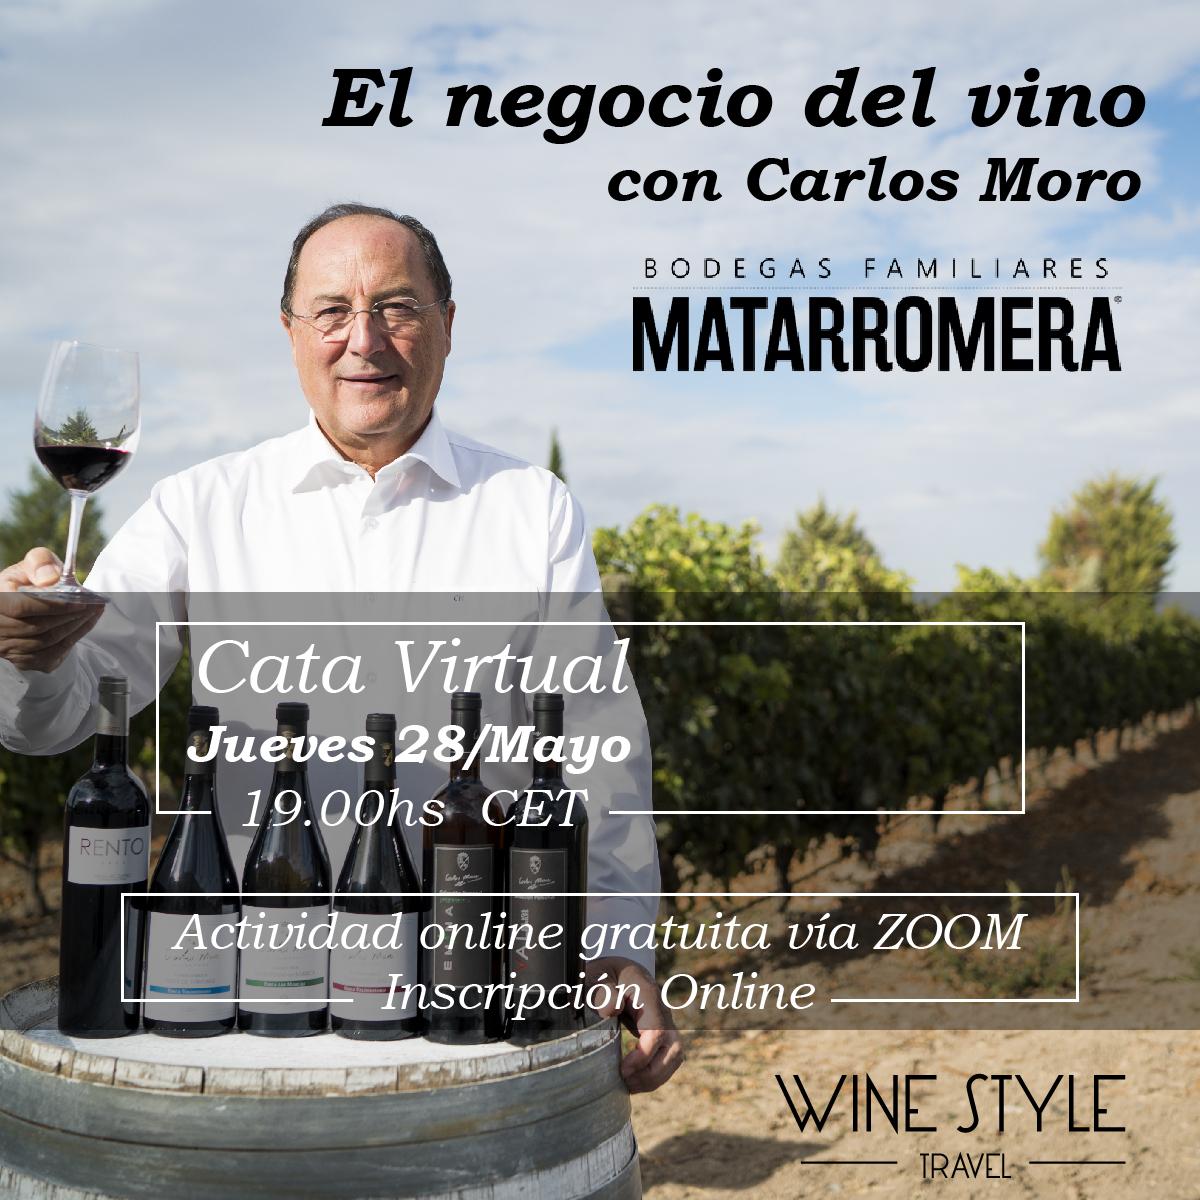 ¿Cuál debe ser la actitud de un empresario del sector del #vino en estos tiempos? Carlos Moro de @Matarromera nos hablará del mundo del vino, las oportunidades y la resilencia. Una sesión única que no puedes perder. Inscripción #CataVirtual: https://www.winestyletravel.com/inscripcion-catas-vinos-online-2/…pic.twitter.com/1R7yxg6V6y